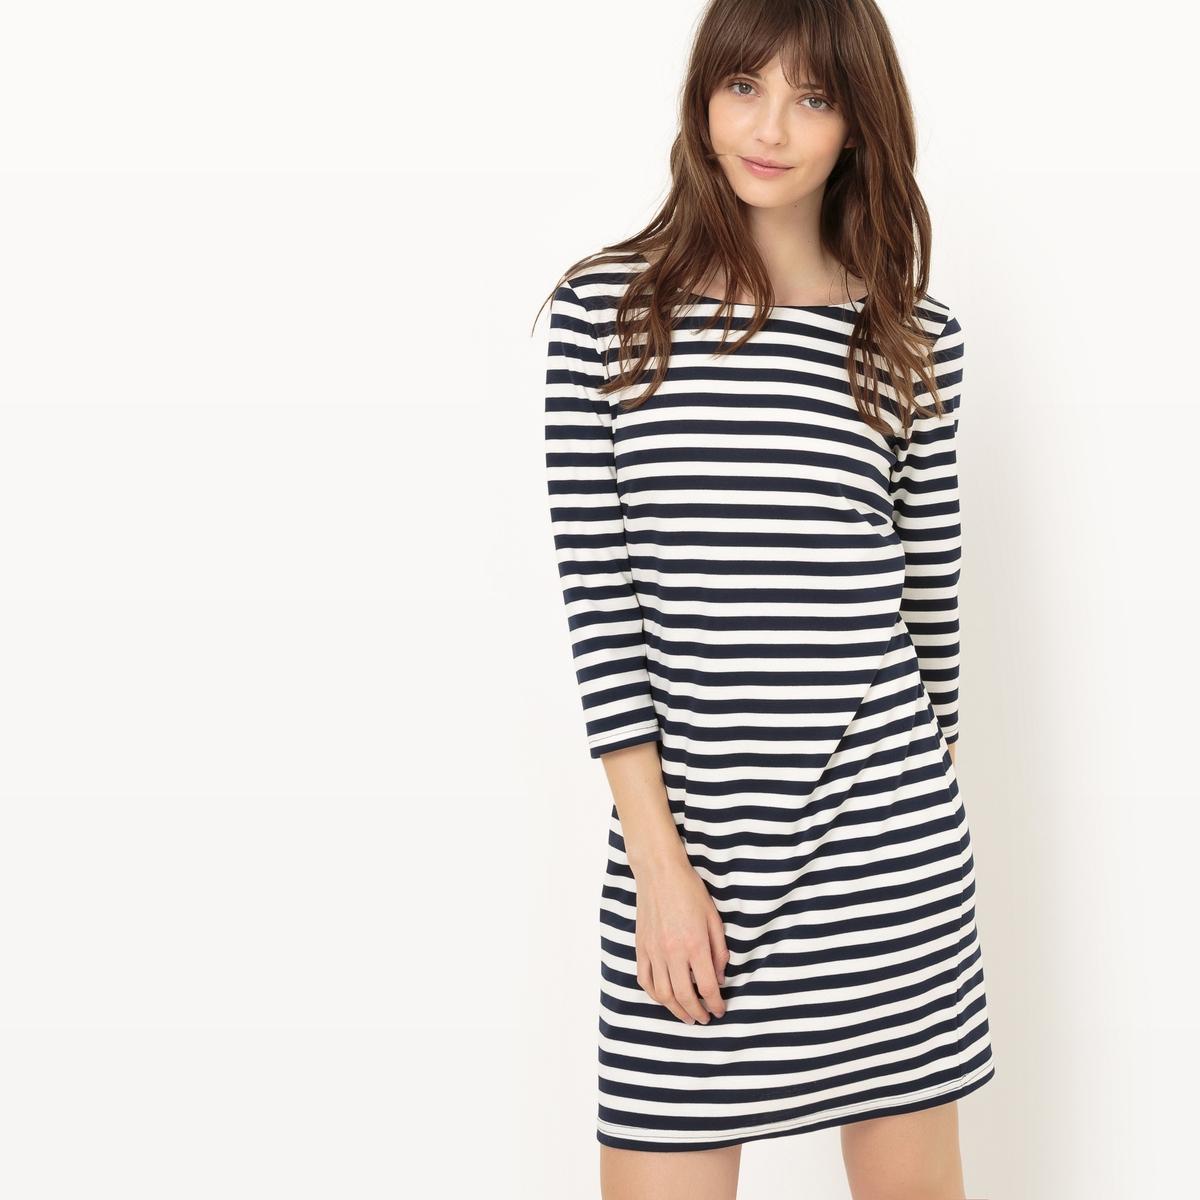 Платье длиной до колен, рукава 3/4, в полоскуМатериал : 18% вискозы, 3% эластана, 79% полиэстера  Длина рукава : рукава 3/4  Форма воротника : круглый вырез Покрой платья : платье прямого покроя   Рисунок : в полоску   Длина платья : до колен<br><br>Цвет: в полоску белый/темно-синий<br>Размер: M